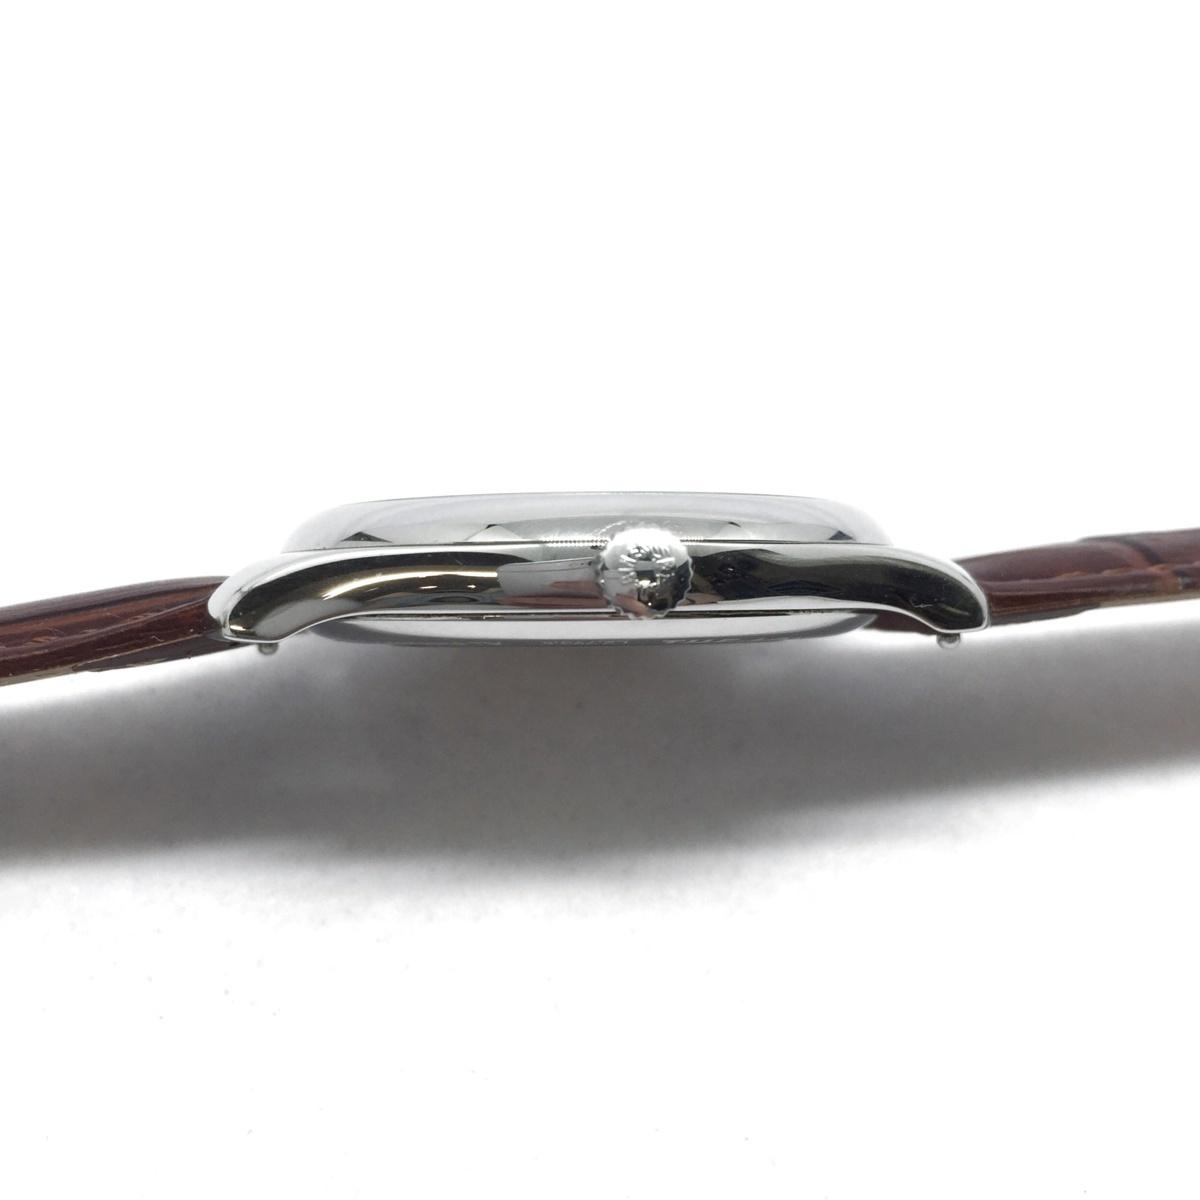 9-3525 【美品・新品社外ベルト】 ロンジン 腕時計 マスターコレクション L2.793.4.78.3 自動巻き デイト メンズ 純正革ベルト付属_画像4